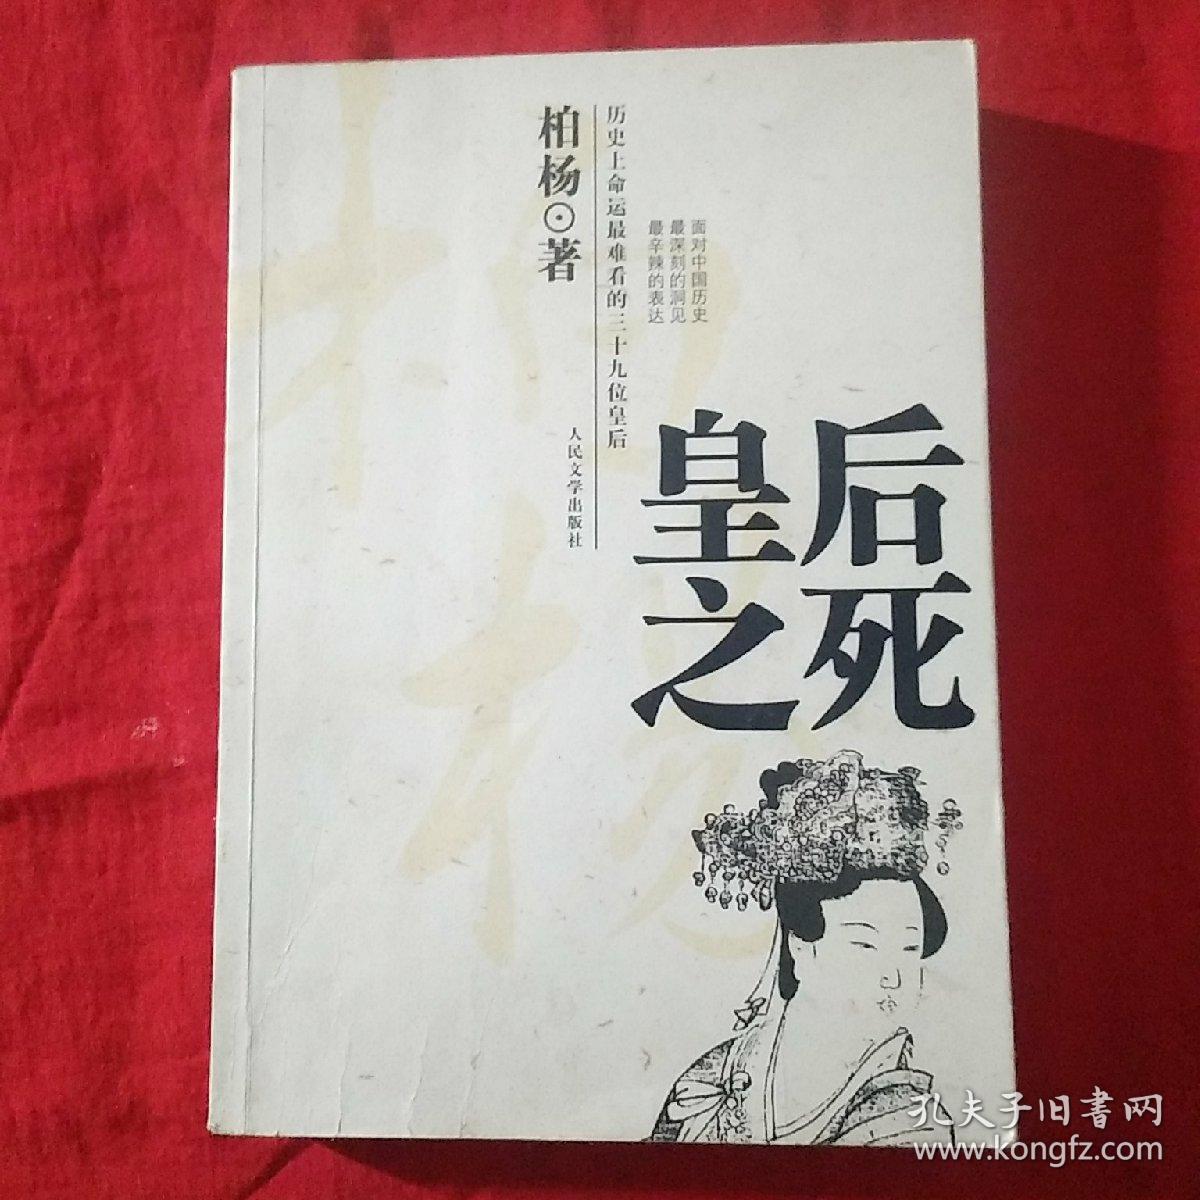 《皇后之死》小说在线阅读 柏杨的代表著作/小说/杂文集 世界名著网